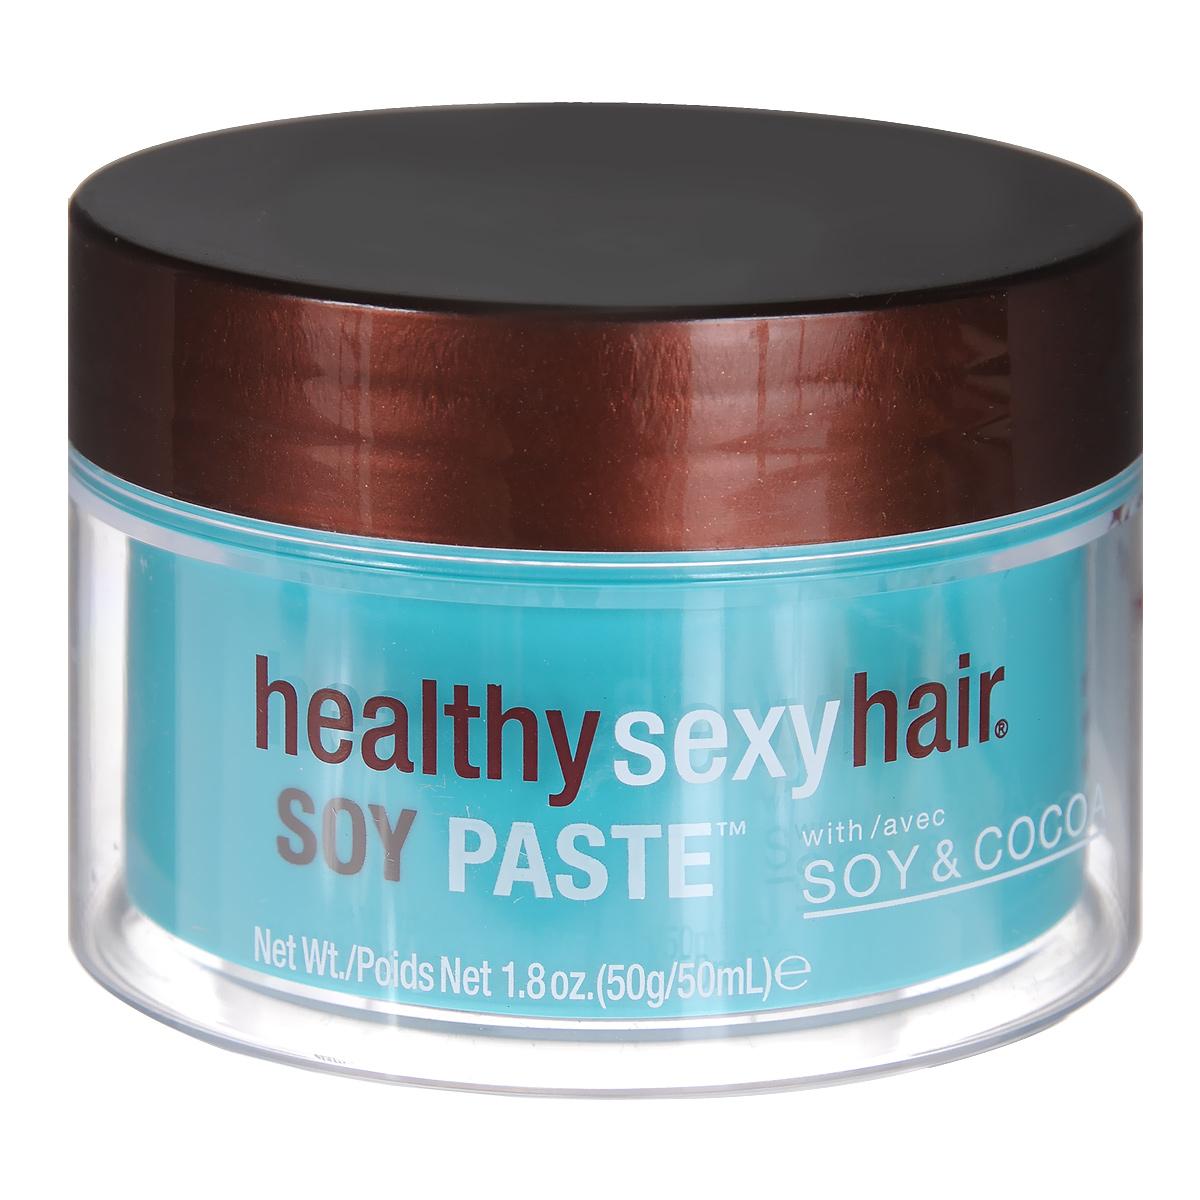 Sexy Hair Крем для моделирования волос Healthy, текстурирующий, помадообразный, 50 гЗД2Крем для волос Sexy Hair Healthy с аминокислотами пшеницы восстанавливает волосы, а уникальная смесь сои и природных компонентов укрепляют и увлажняют их в течение всего дня. Легкий крем для моделирования на основе сои. Делает волосы управляемыми и гибкими, позволяет разделять пряди и поддерживать форму укладки. Средство делает пряди эластичными и послушными, что позволяет менять укладку в течение дня без применения дополнительных средств. Легко смывается.